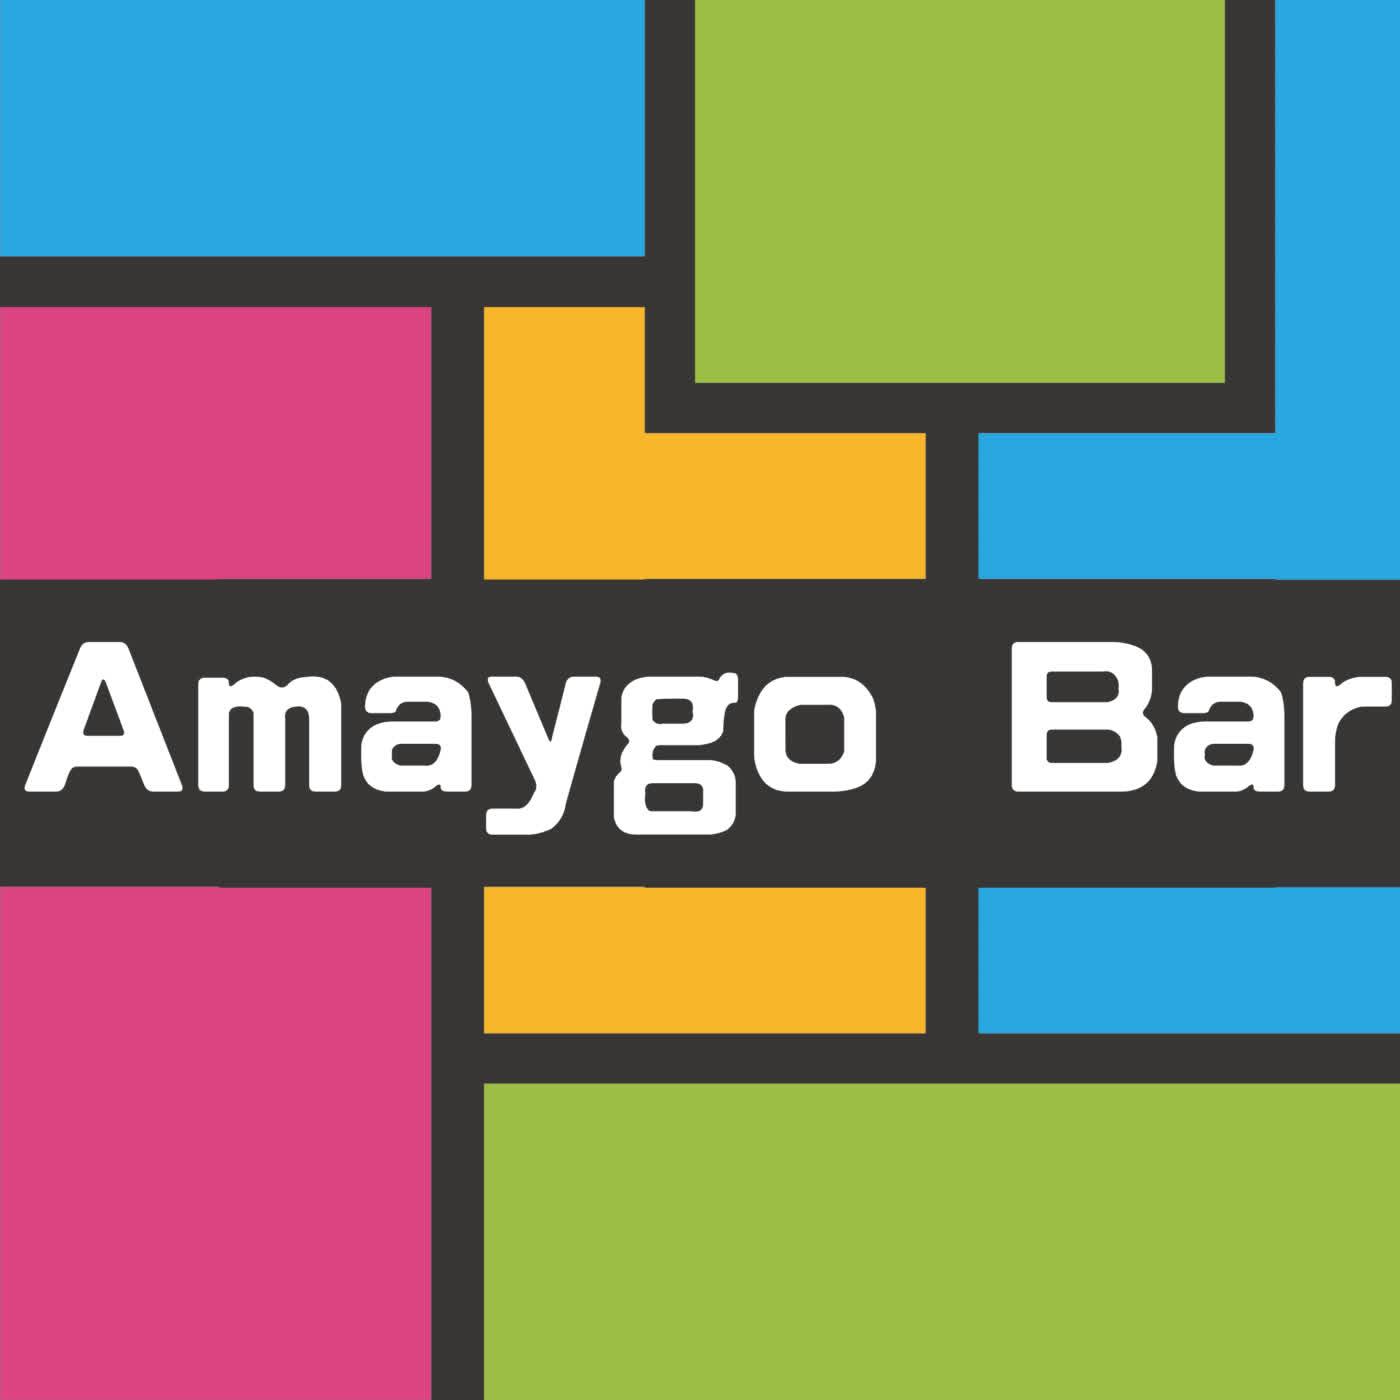 Amaygo Bar